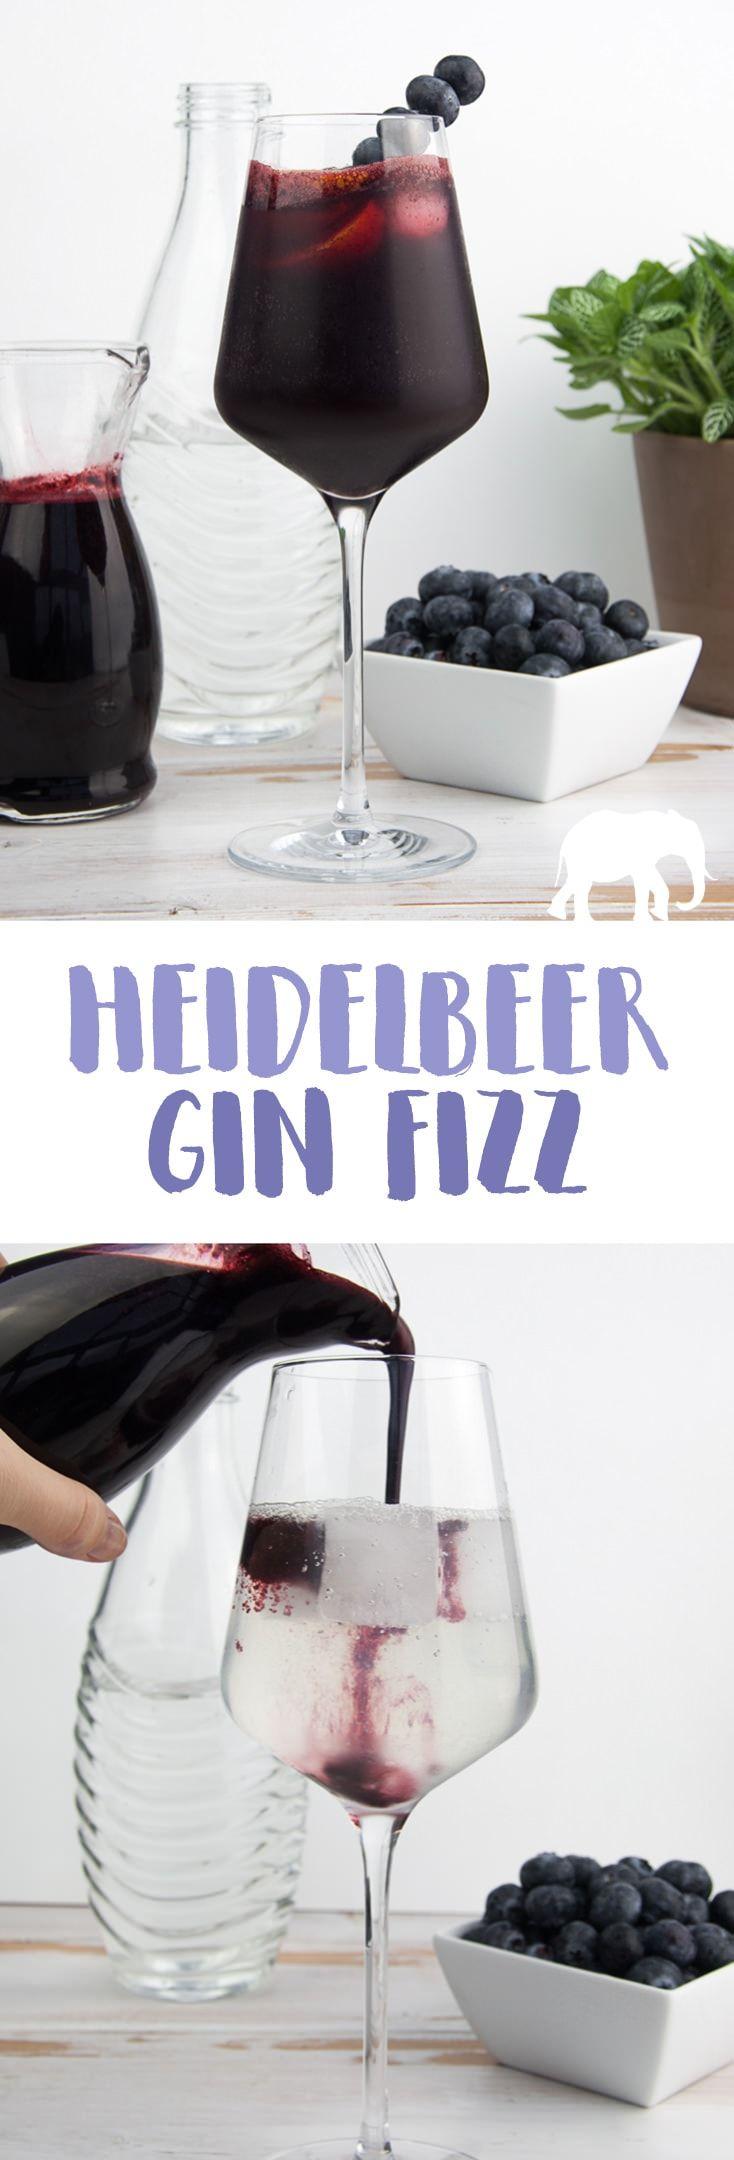 Heidelbeer-Gin-Fizz mit selbstgemachtem Heidelbeer-Sirup |Kooperation mit SodaStream {werbung} #cocktail #heidelbeeren  via @elephantasticv #boissonsfraîches